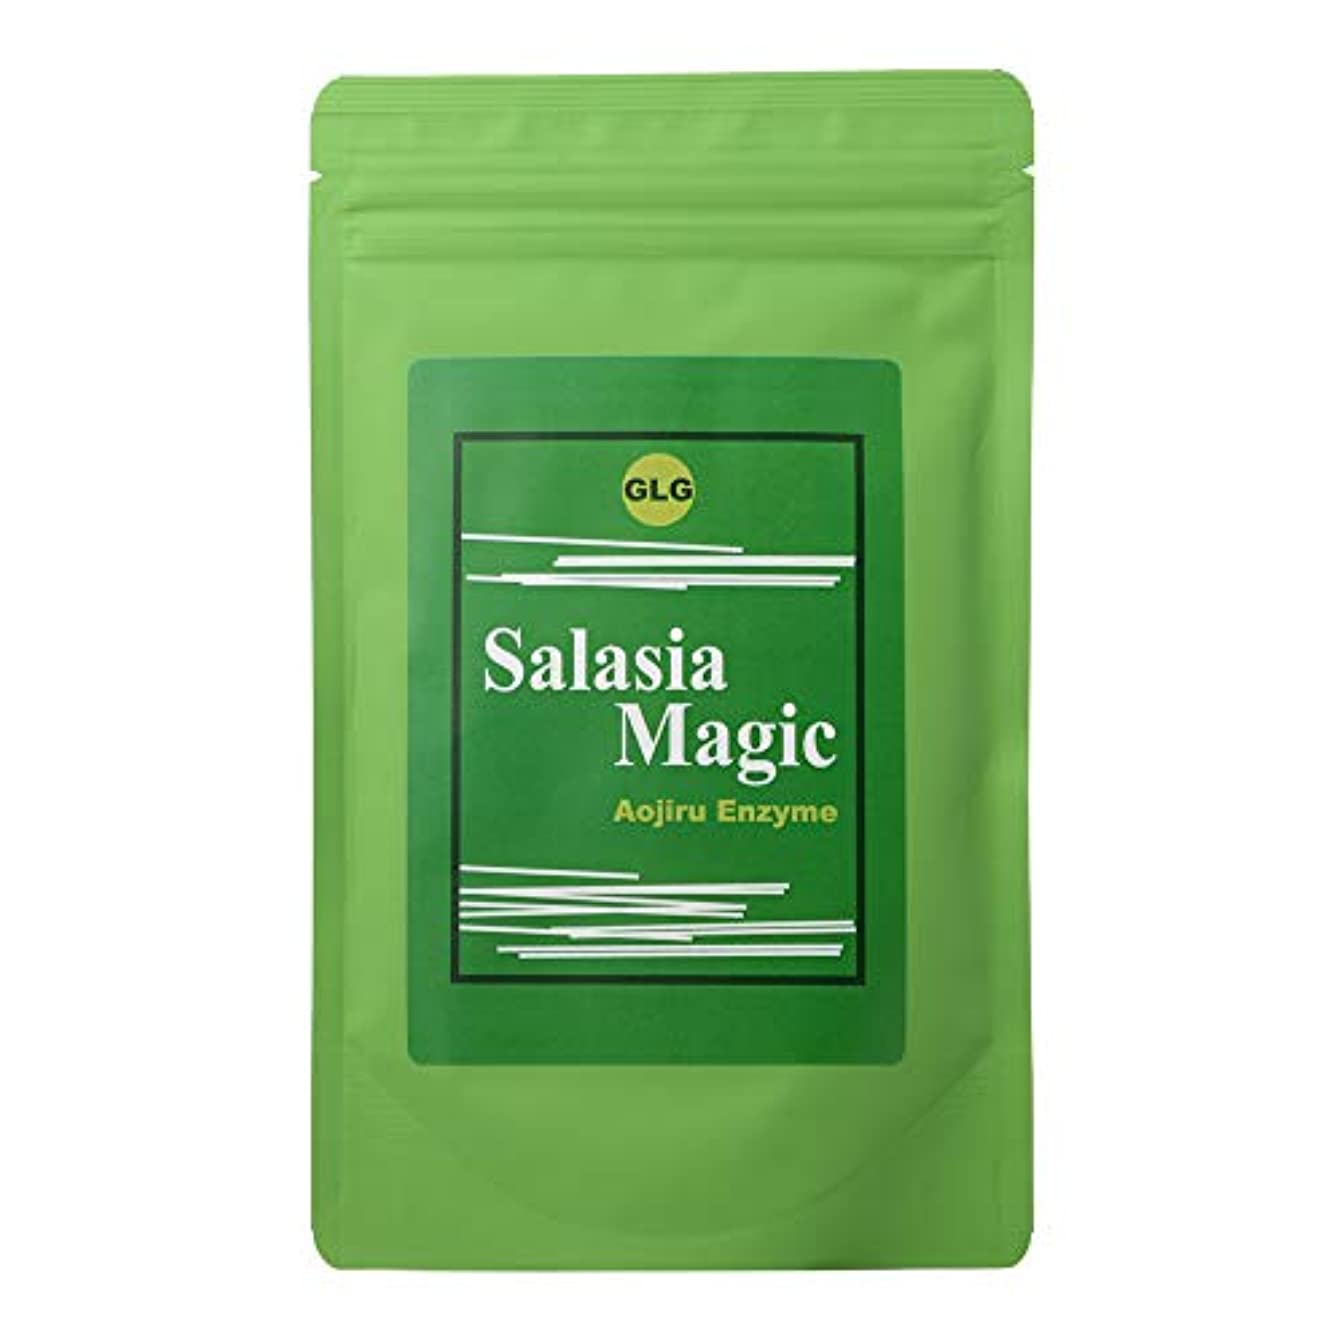 アーサーコナンドイル基礎遠えサラシアマジック 青汁酵素 (ダイエットドリンク) お茶 健康飲料 粉末 [内容量150g/ 説明書付き]